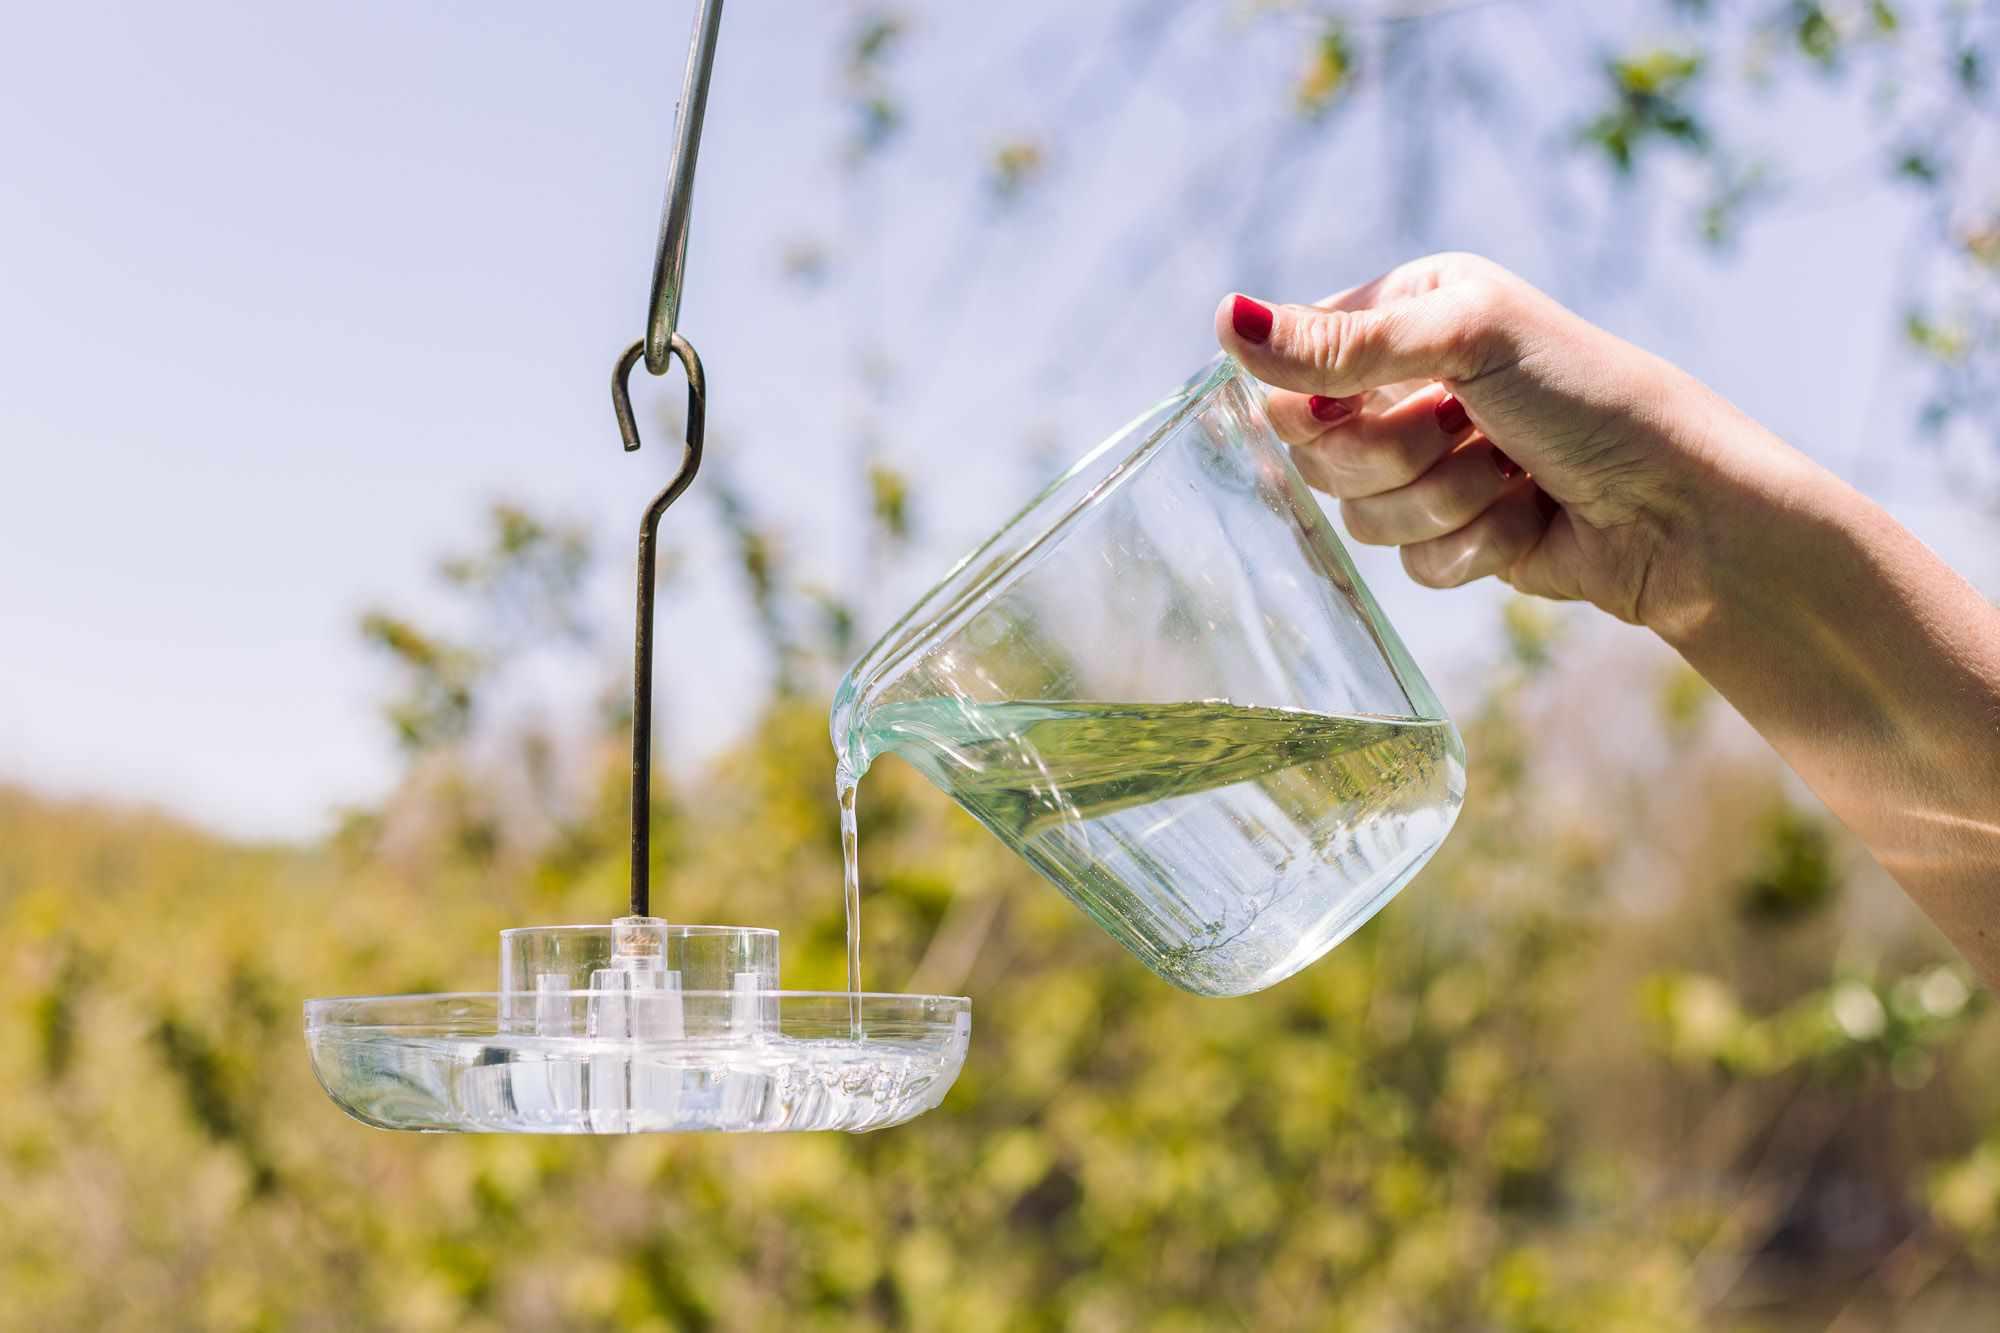 person pouring nectar into a hummingbird feeder